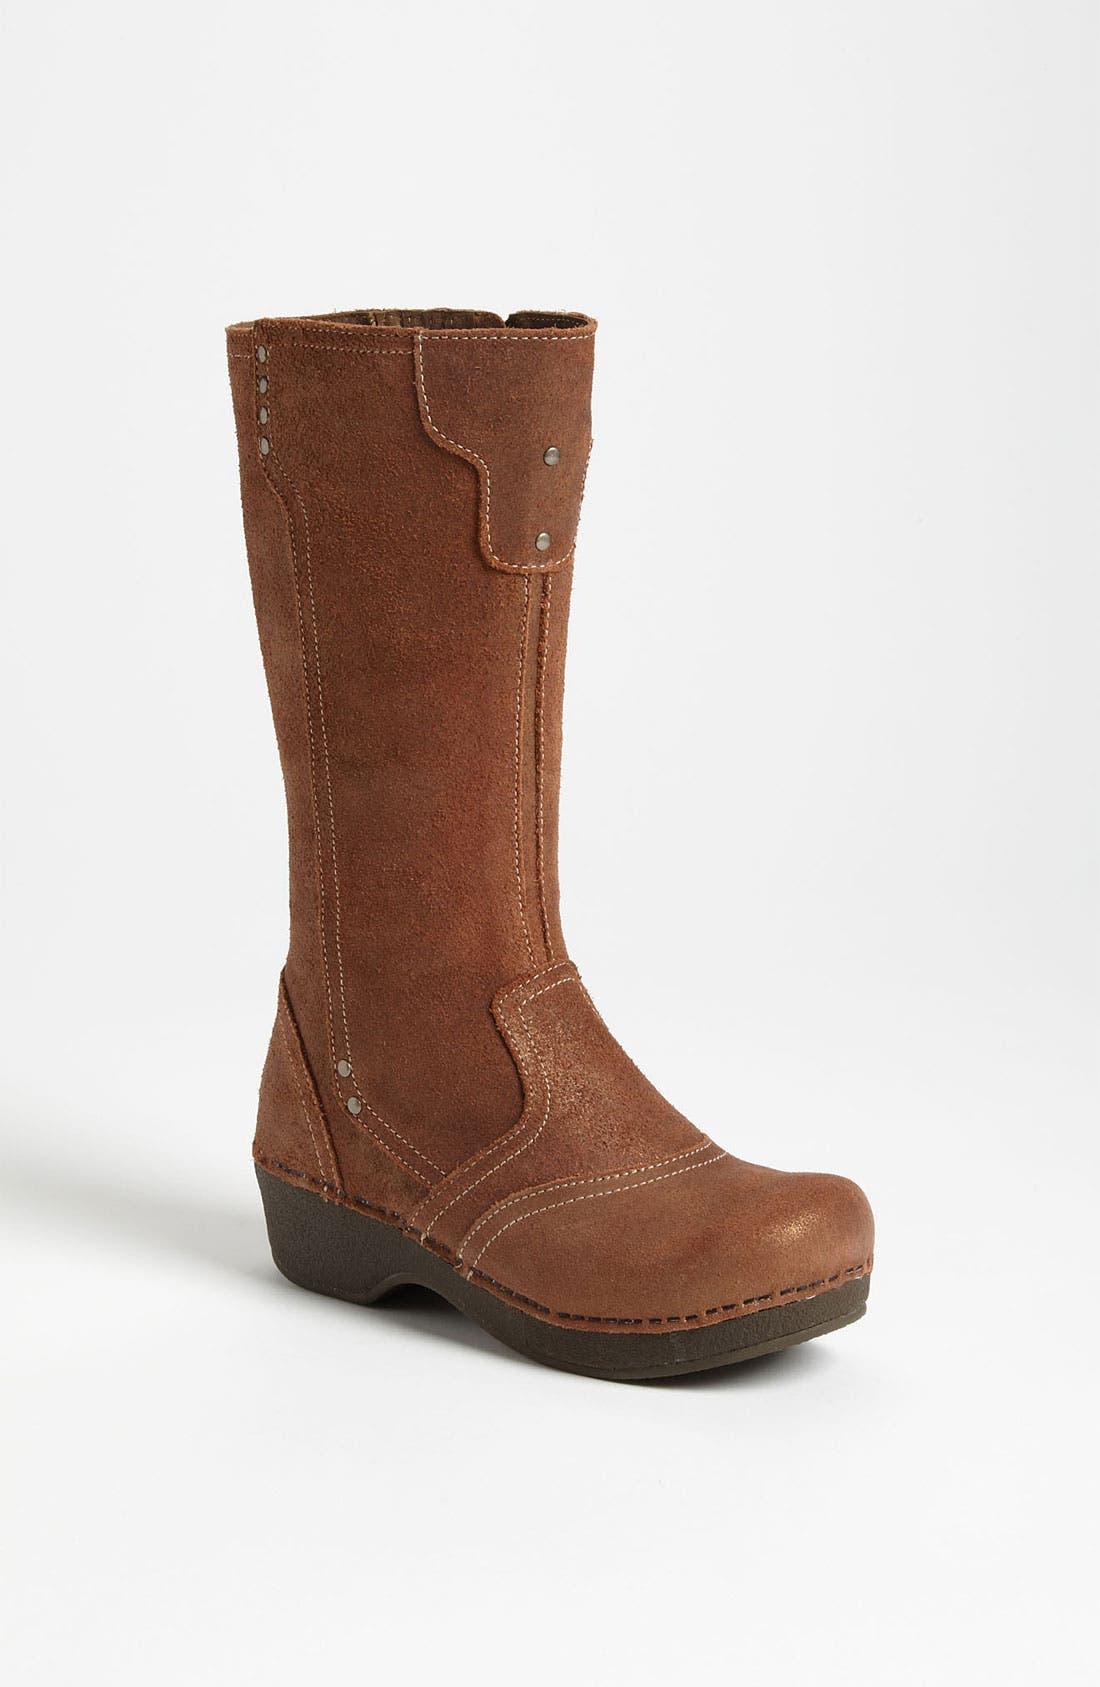 Main Image - Dansko 'Crepe' Boot